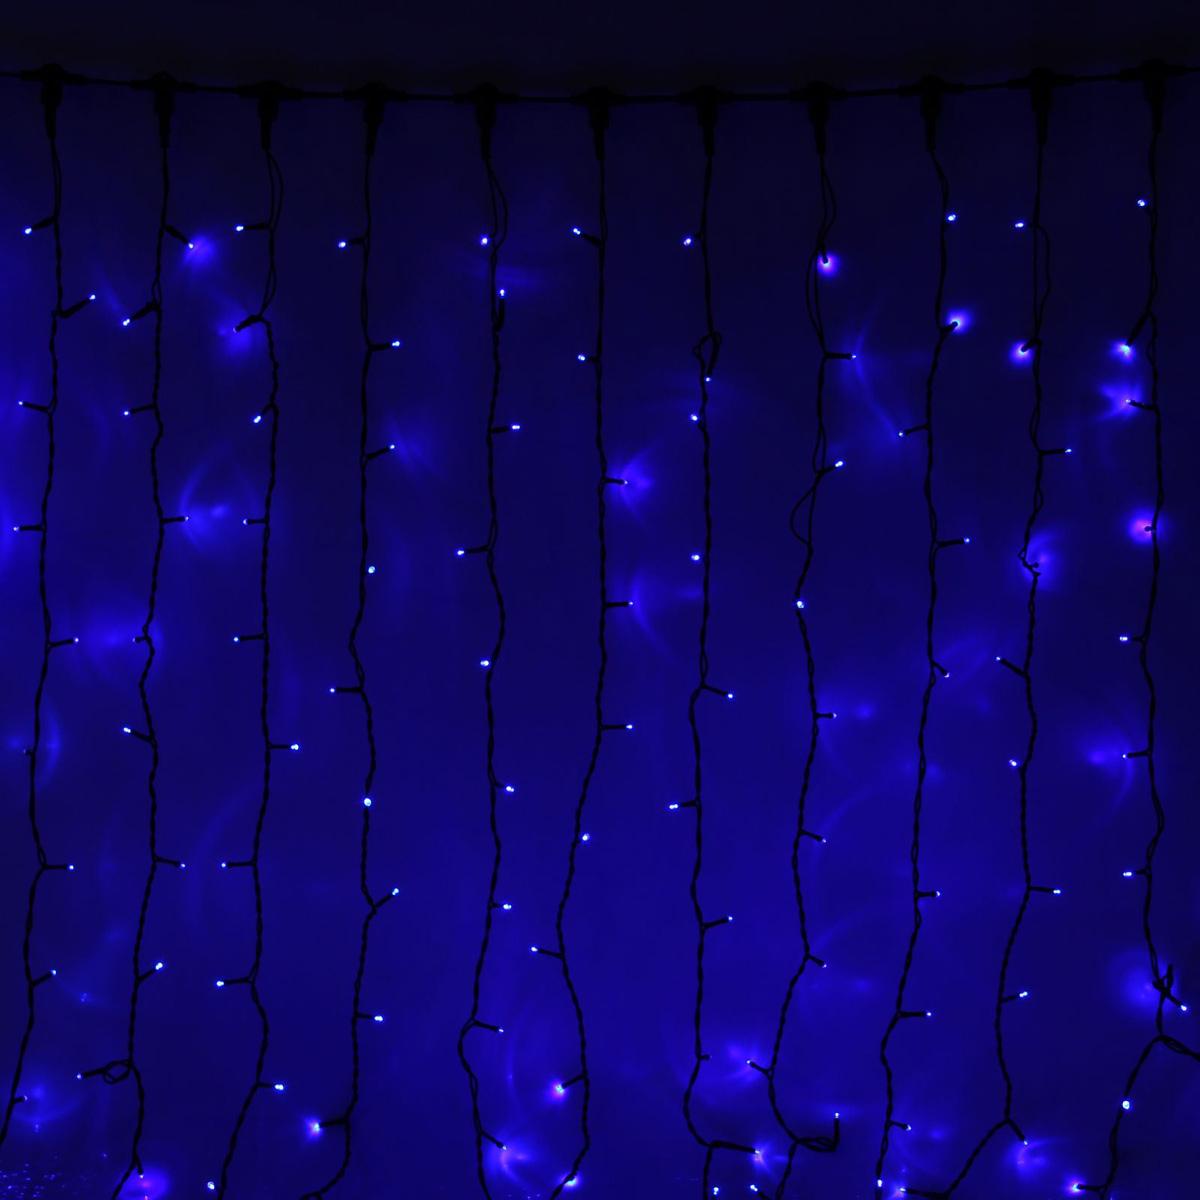 Гирлянда светодиодная Luazon Занавес, цвет: синий, уличная, 1800 ламп, 220 V, 2 х 9 м. 10803111080311Светодиодные гирлянды и ленты — это отличный вариант для новогоднего оформления интерьера или фасада. С их помощью помещение любого размера можно превратить в праздничный зал, а внешние элементы зданий, украшенные ими, мгновенно станут напоминать очертания сказочного дворца. Такие украшения создают ауру предвкушения чуда. Деревья, фасады, витрины, окна и арки будто специально созданы, чтобы вы украсили их светящимися нитями.